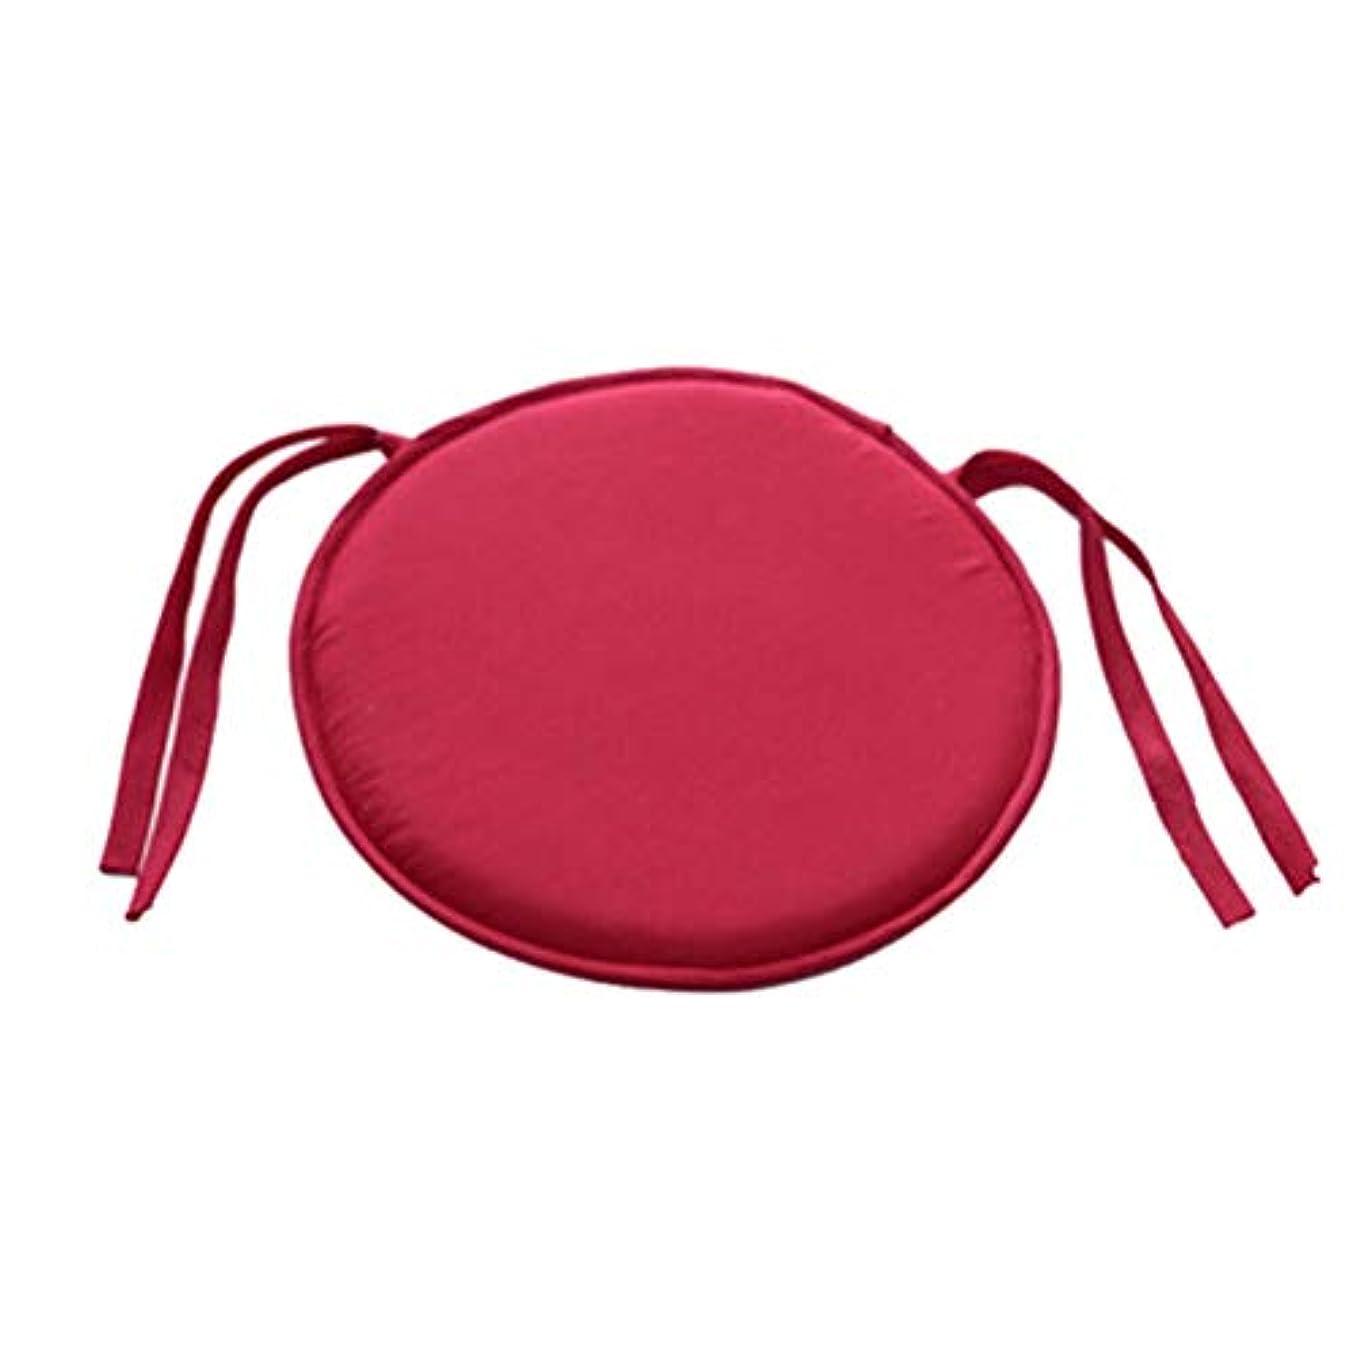 他にルールこっそりLIFE ホット販売ラウンドチェアクッション屋内ポップパティオオフィスチェアシートパッドネクタイスクエアガーデンキッチンダイニングクッション クッション 椅子